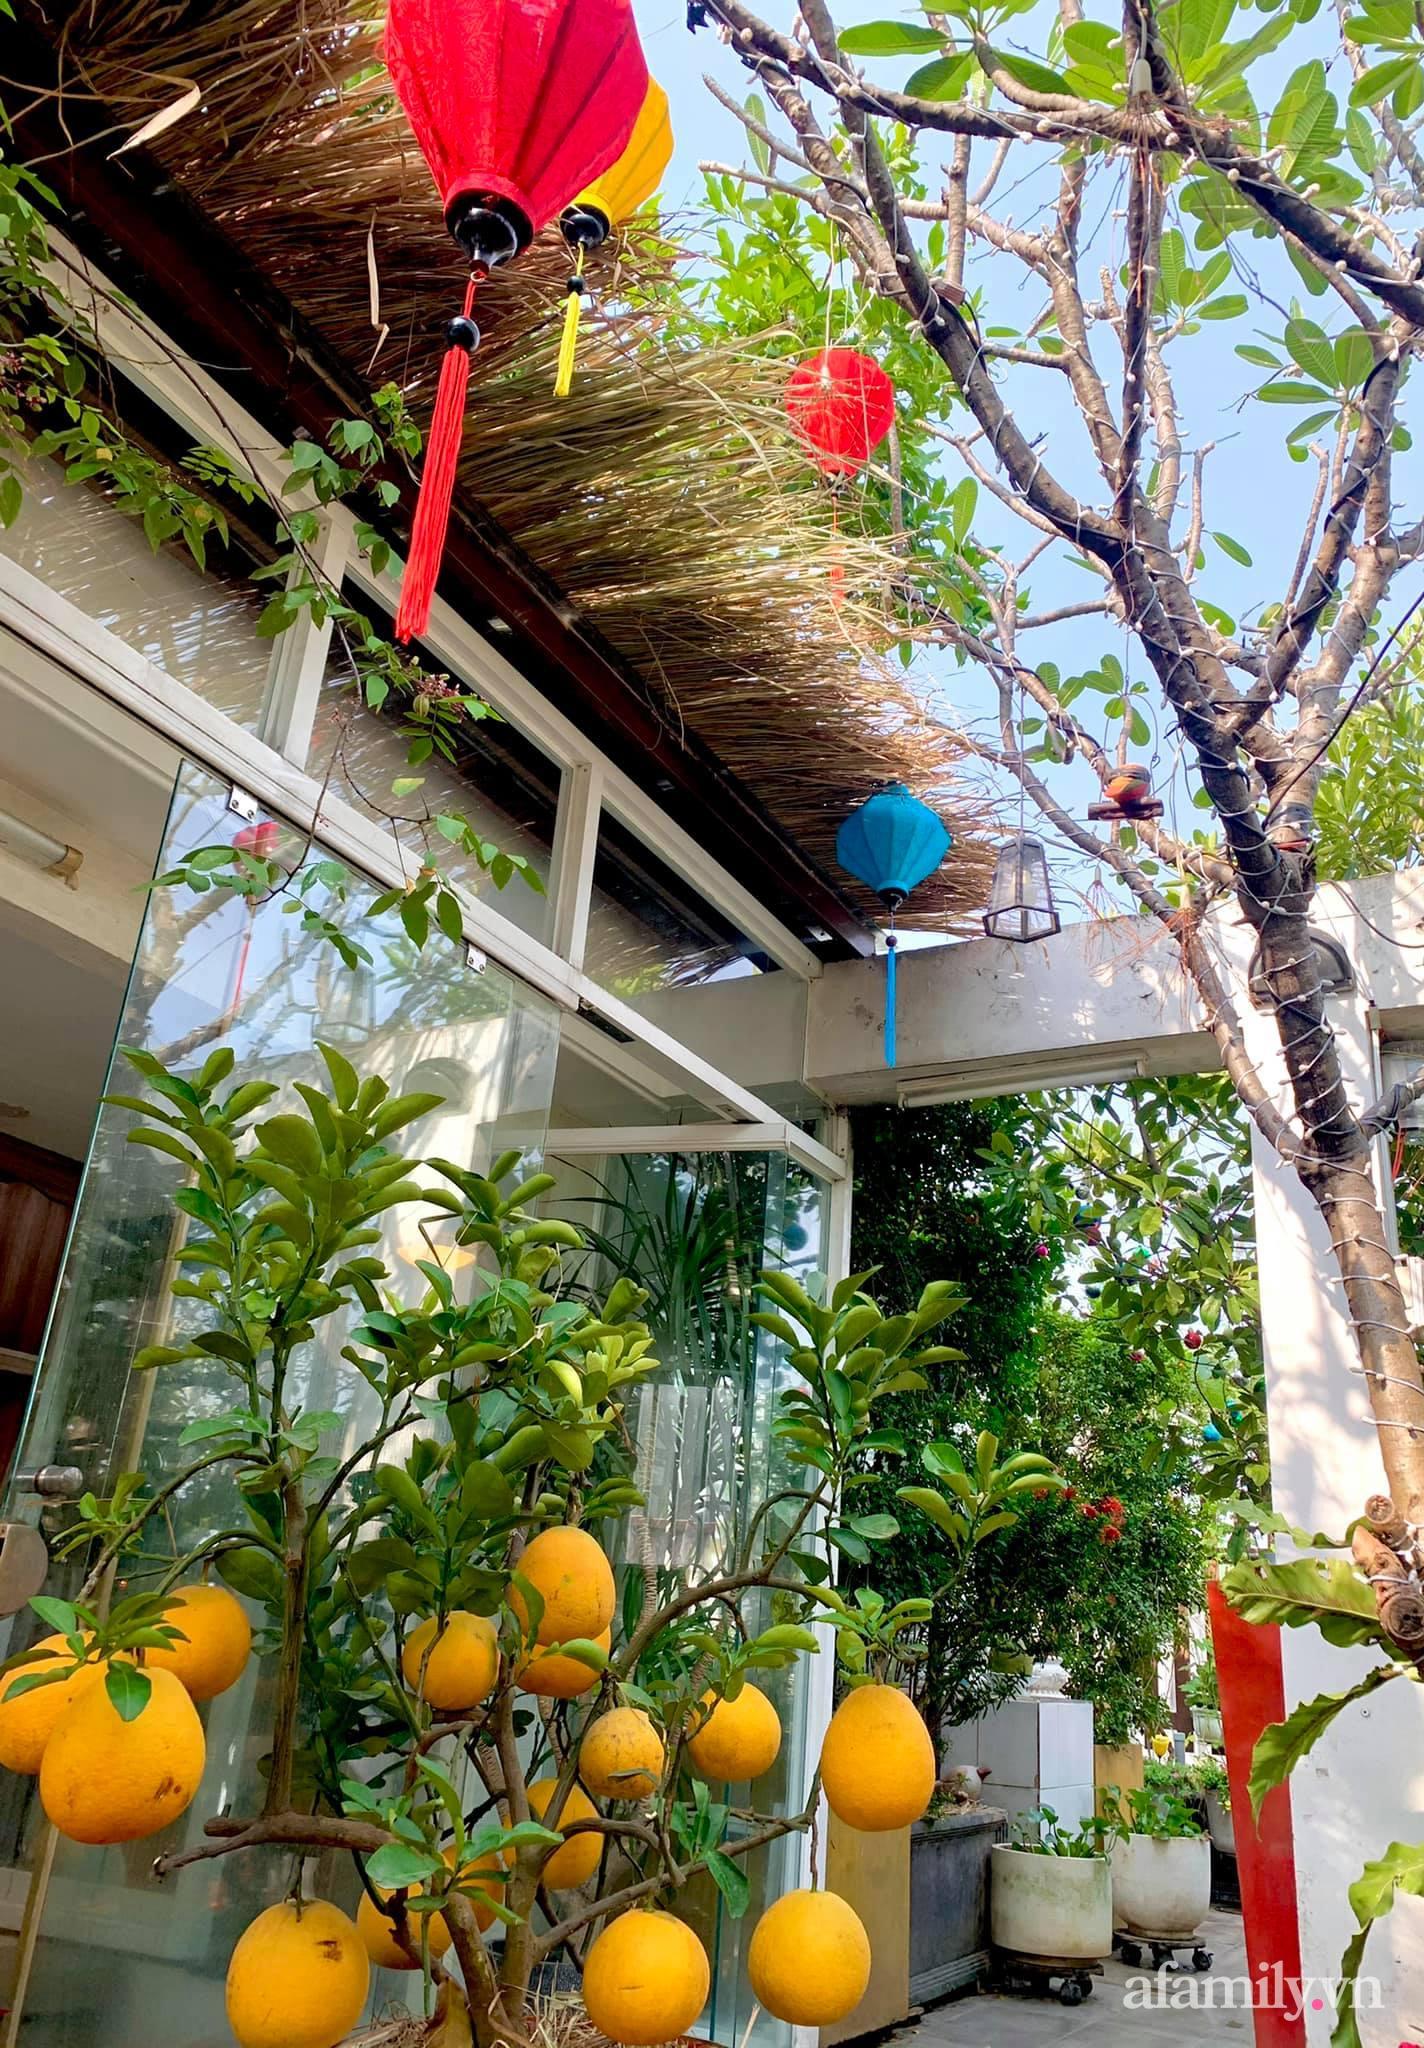 Mùng 1 đầu năm cùng ghé thăm sân thượng mang sắc màu Tết truyền thống của mẹ đảm ở Sài Gòn-7